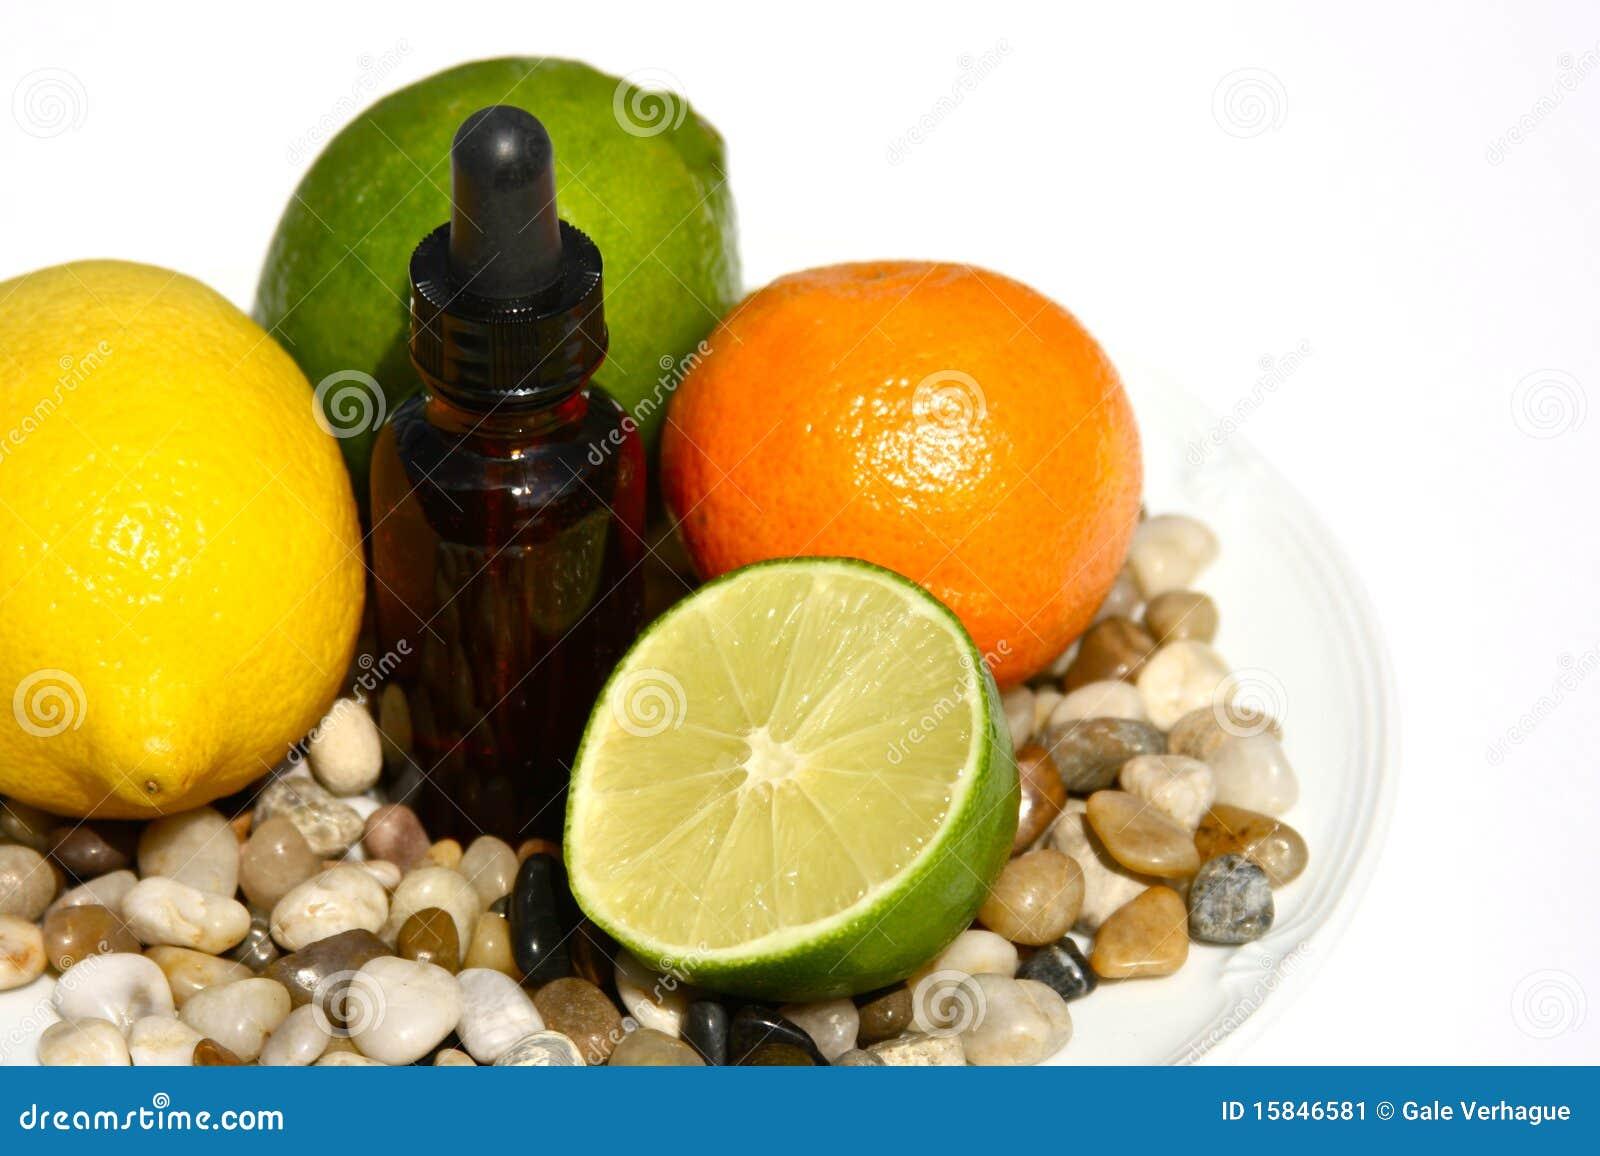 Citron Aromatherapy